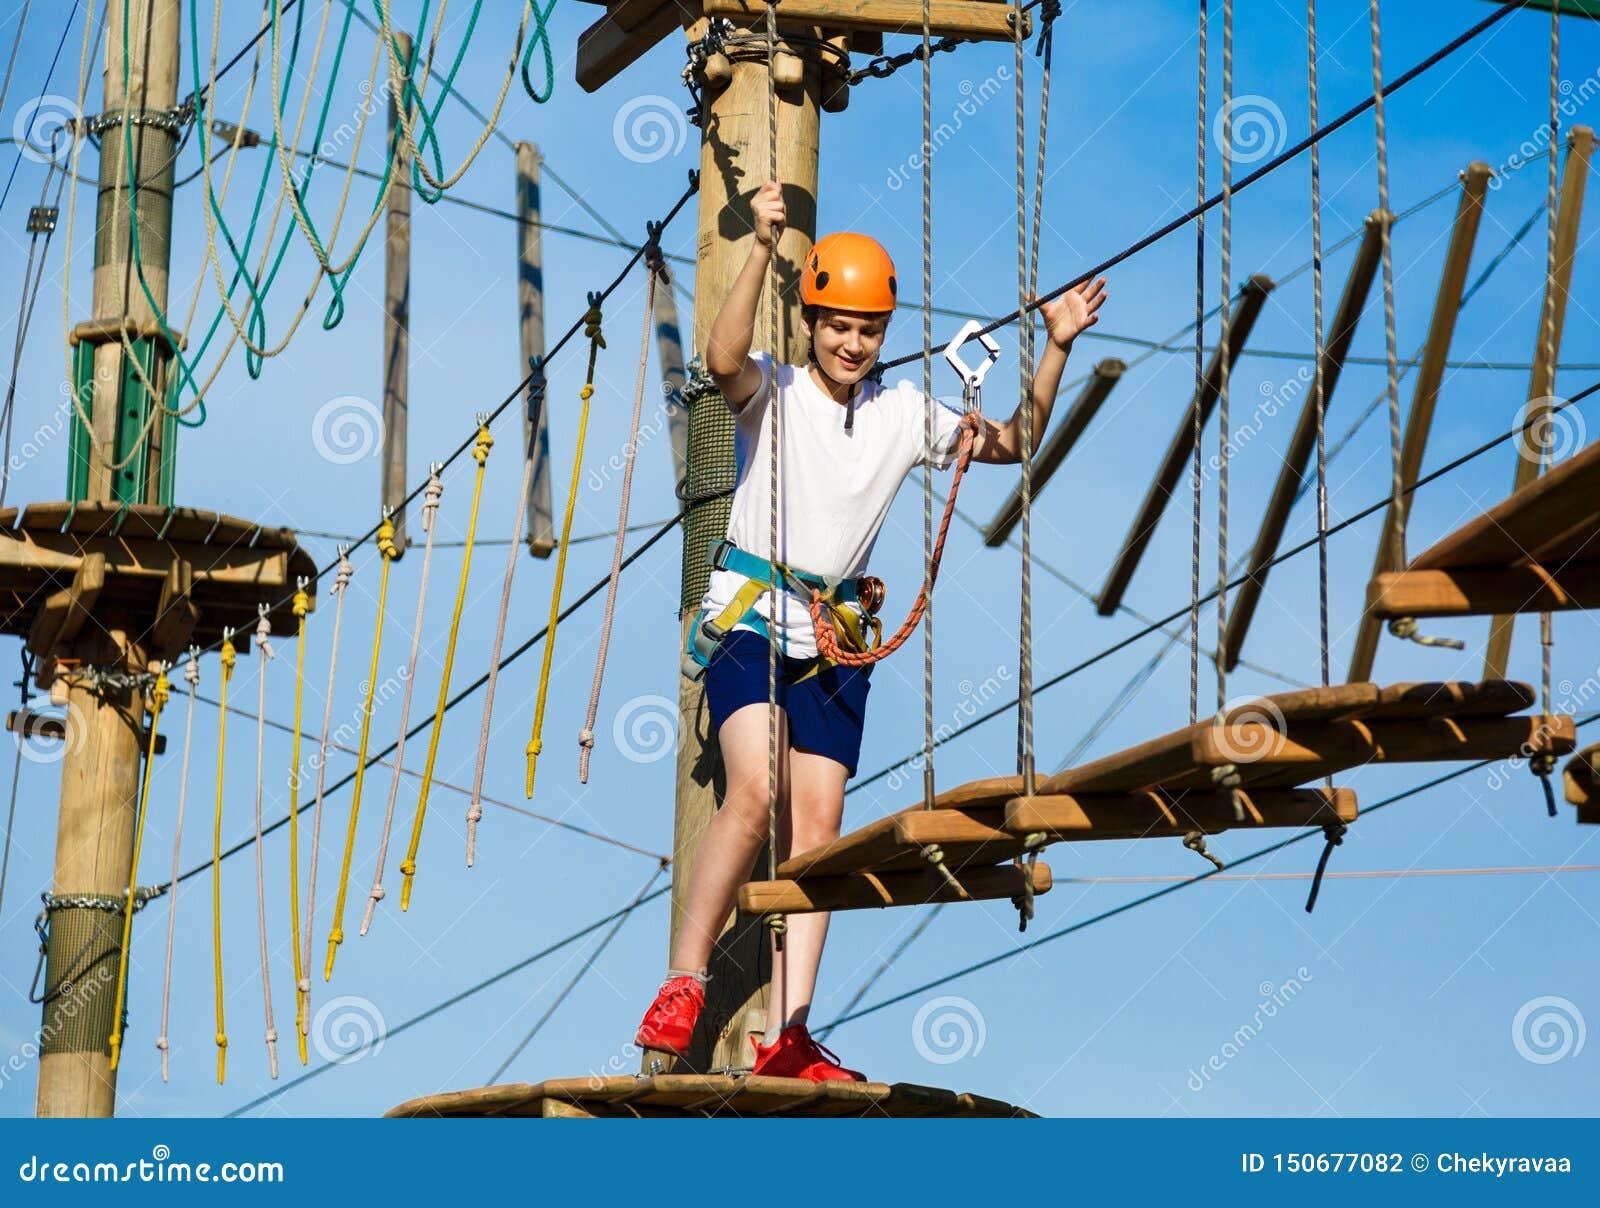 Jongen in bosavonturenpark Het jonge geitje in oranje helm en witte t-shirt beklimt op hoge kabelsleep Openlucht beklimmen